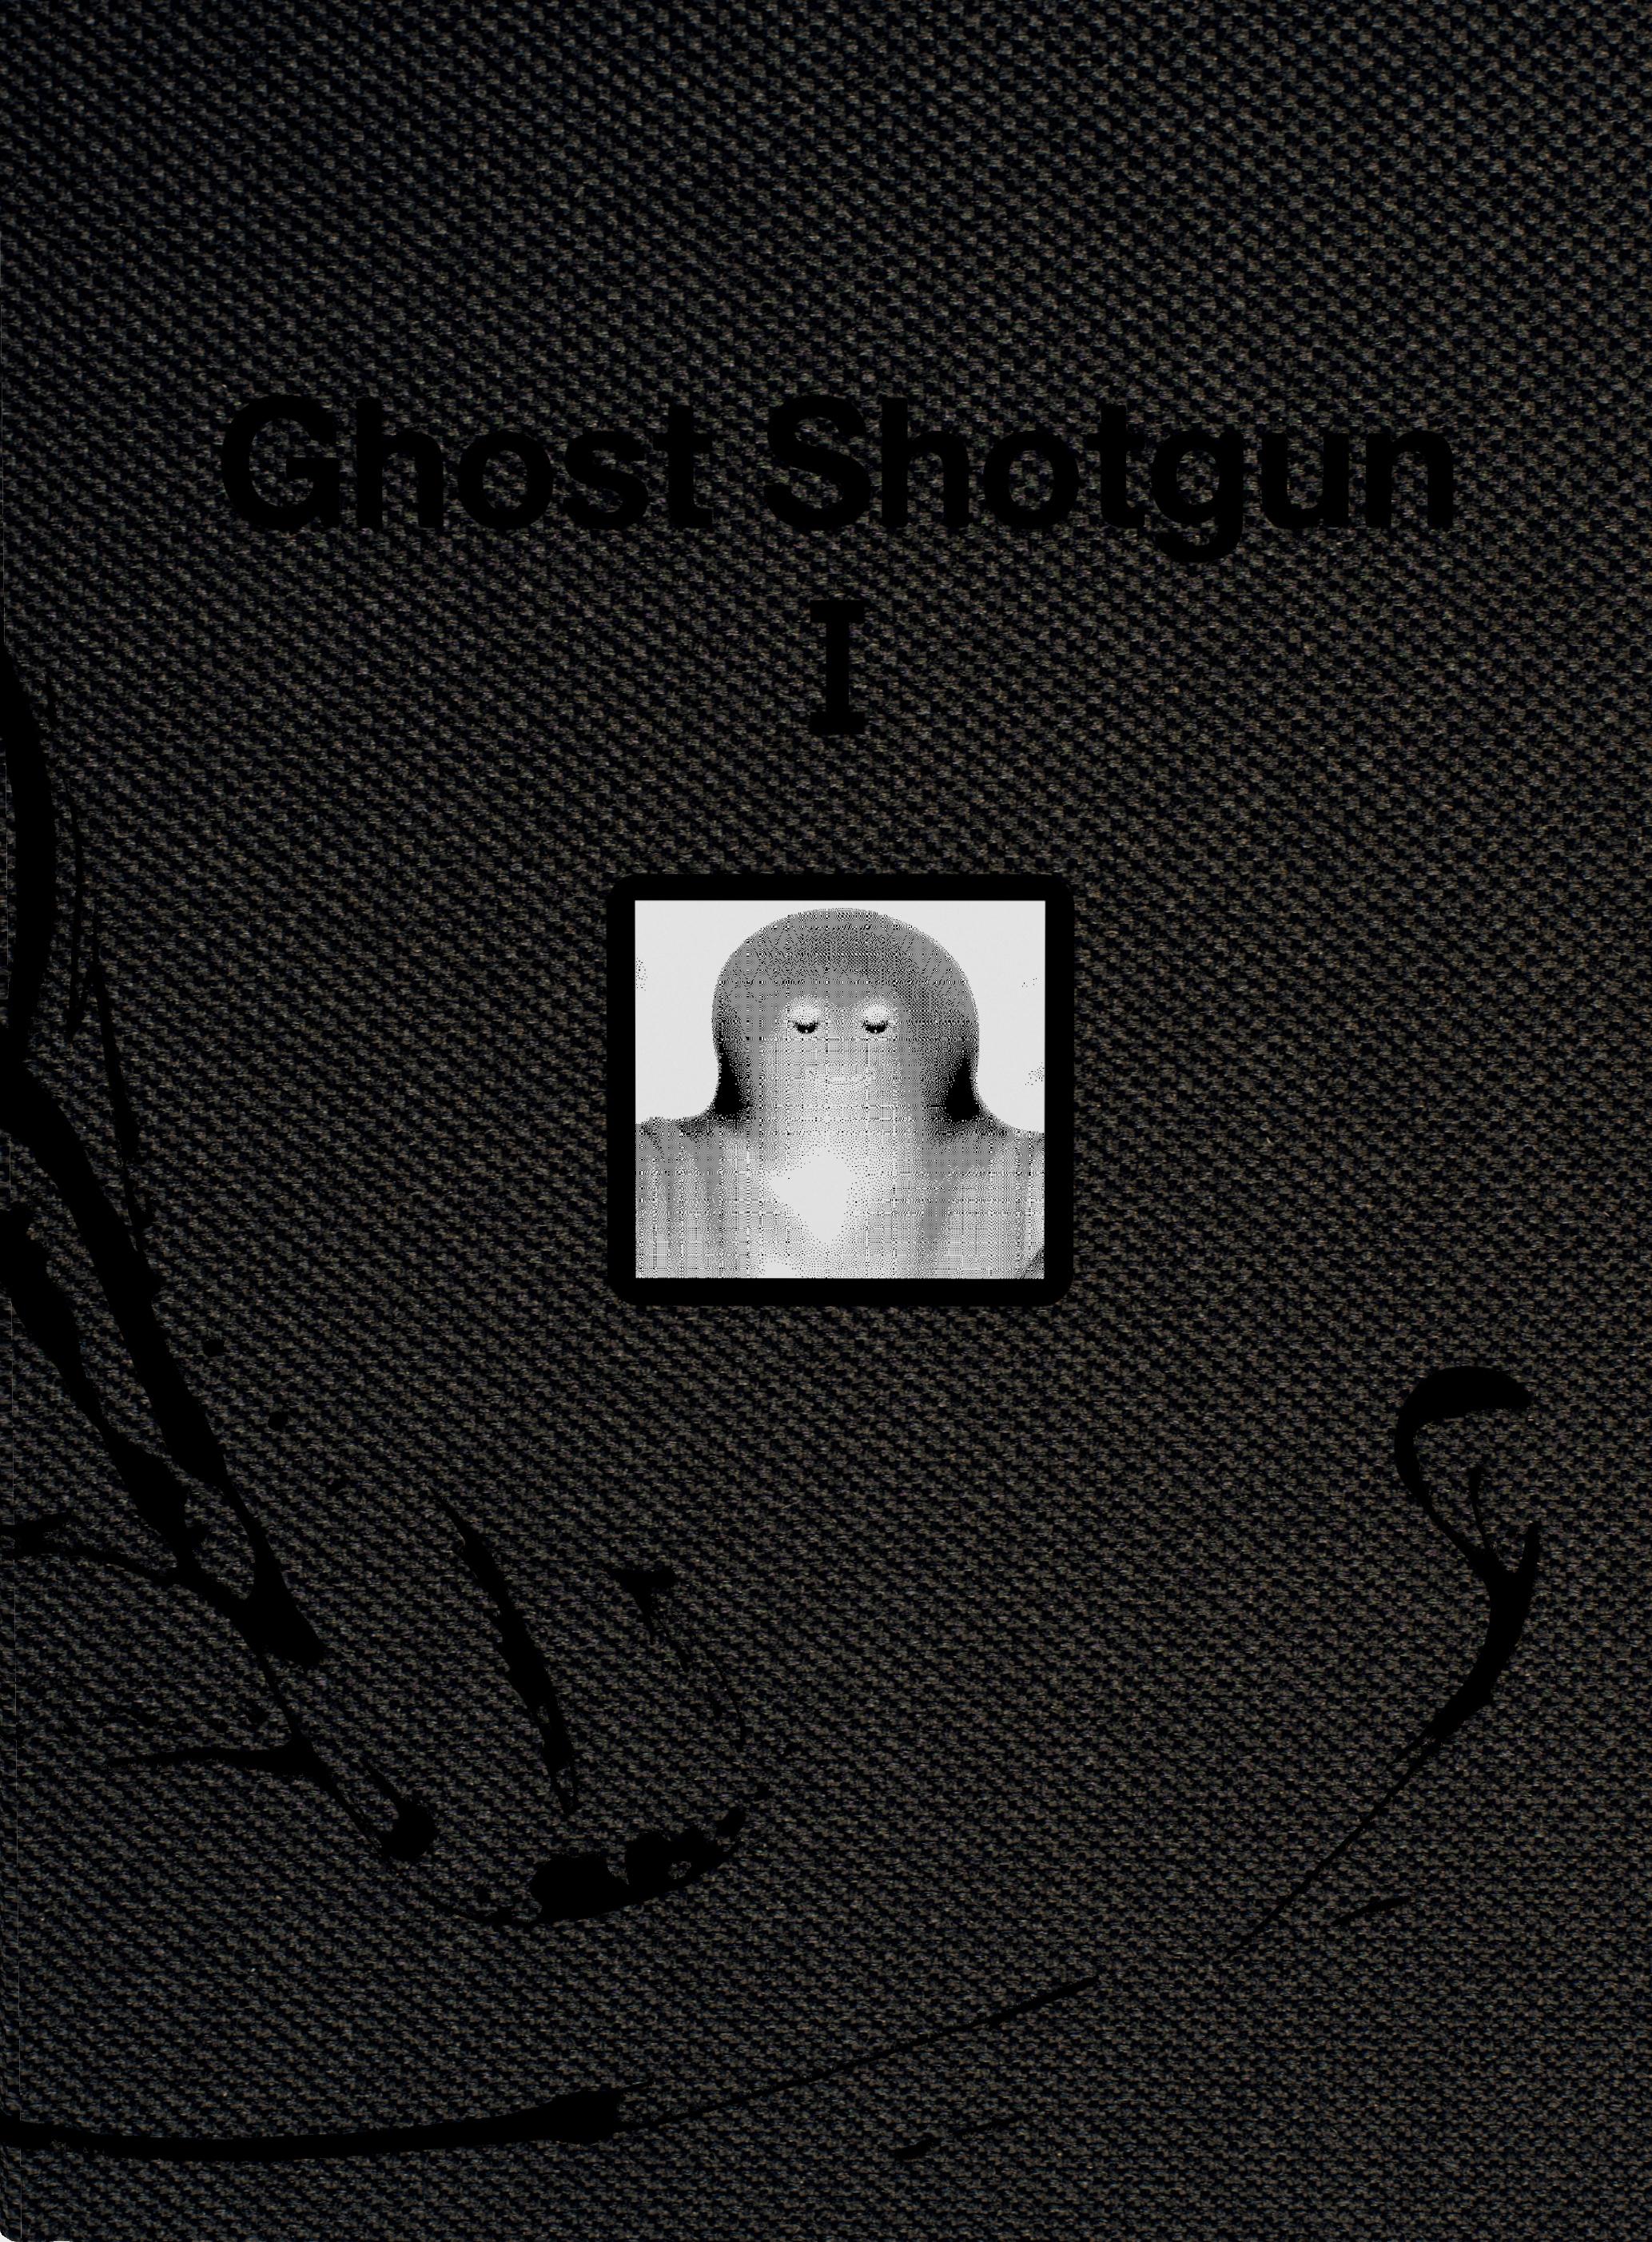 전시 <Ghost Shotgun>을 기록하는 도록